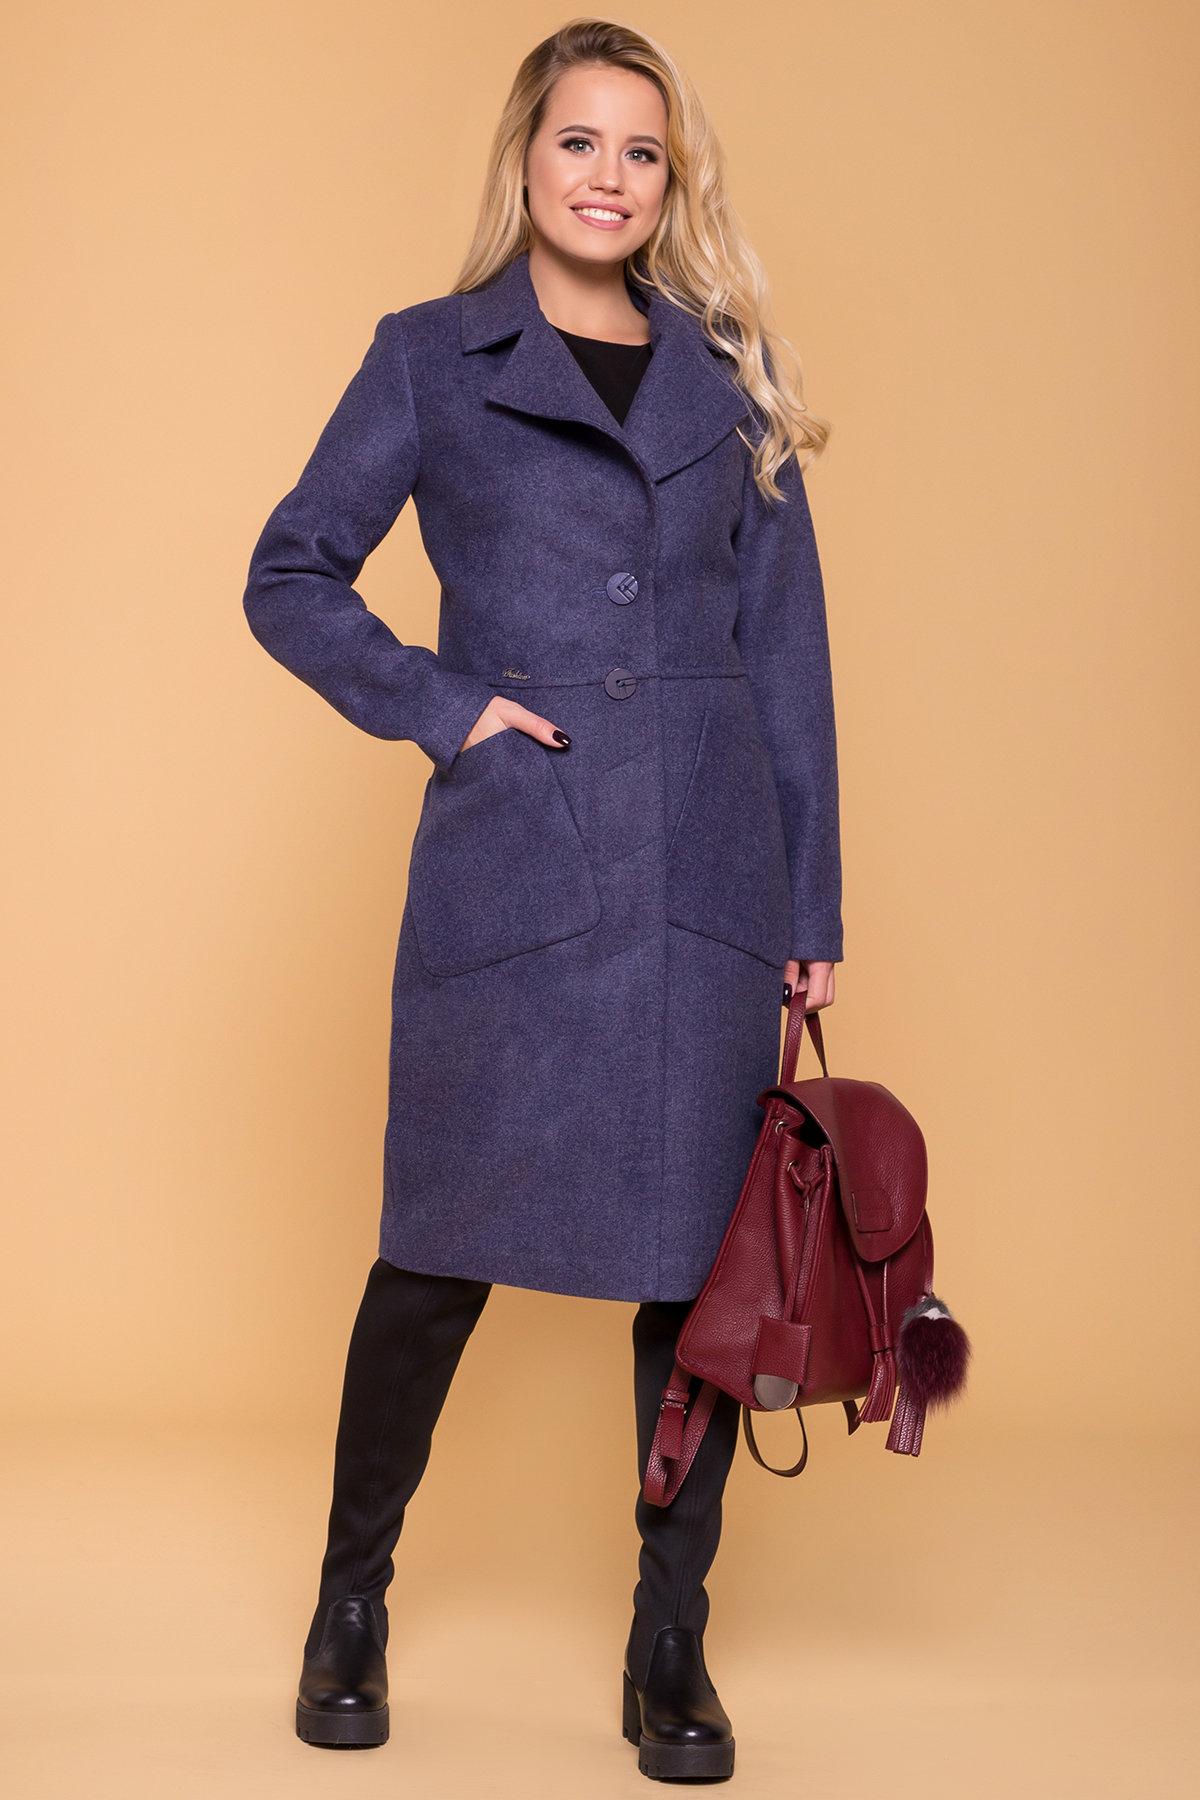 Пальто на весну-осень Габриэлла 4459 АРТ. 37561 Цвет: Джинс - фото 4, интернет магазин tm-modus.ru